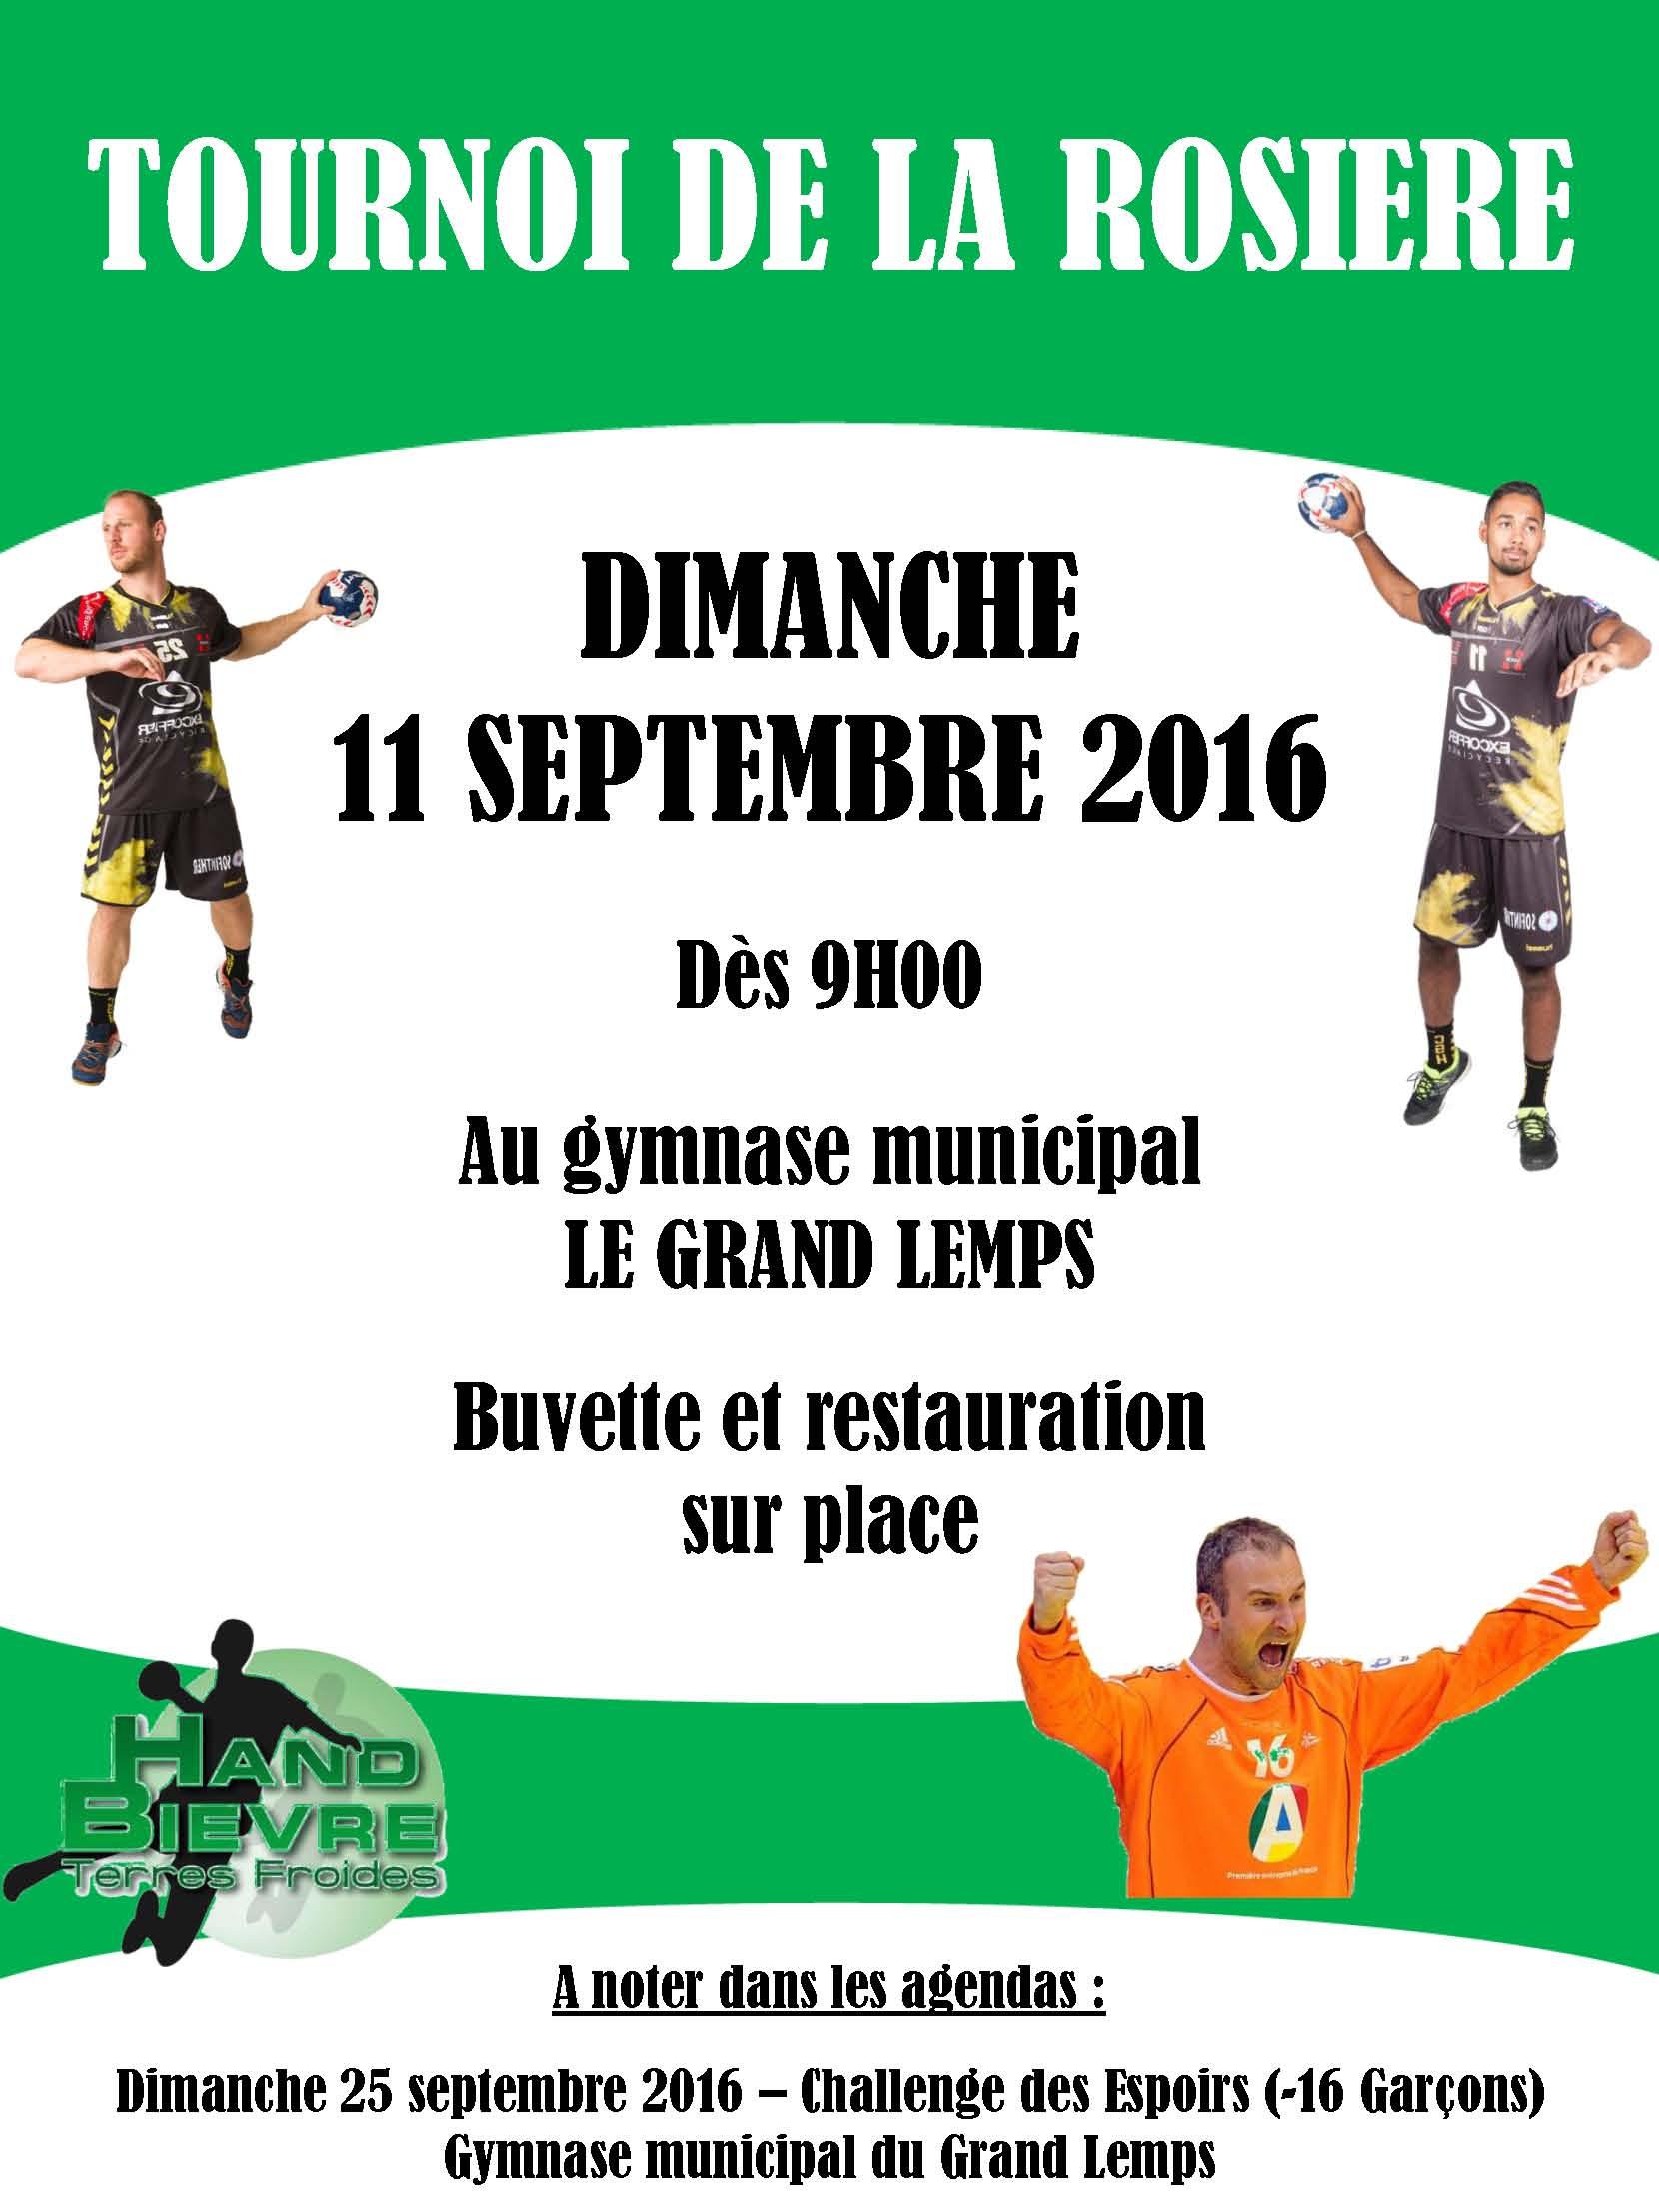 Tournoi de La Rosière 2016 - Hand Bievre Terres Froides - Club de Handball en Isère